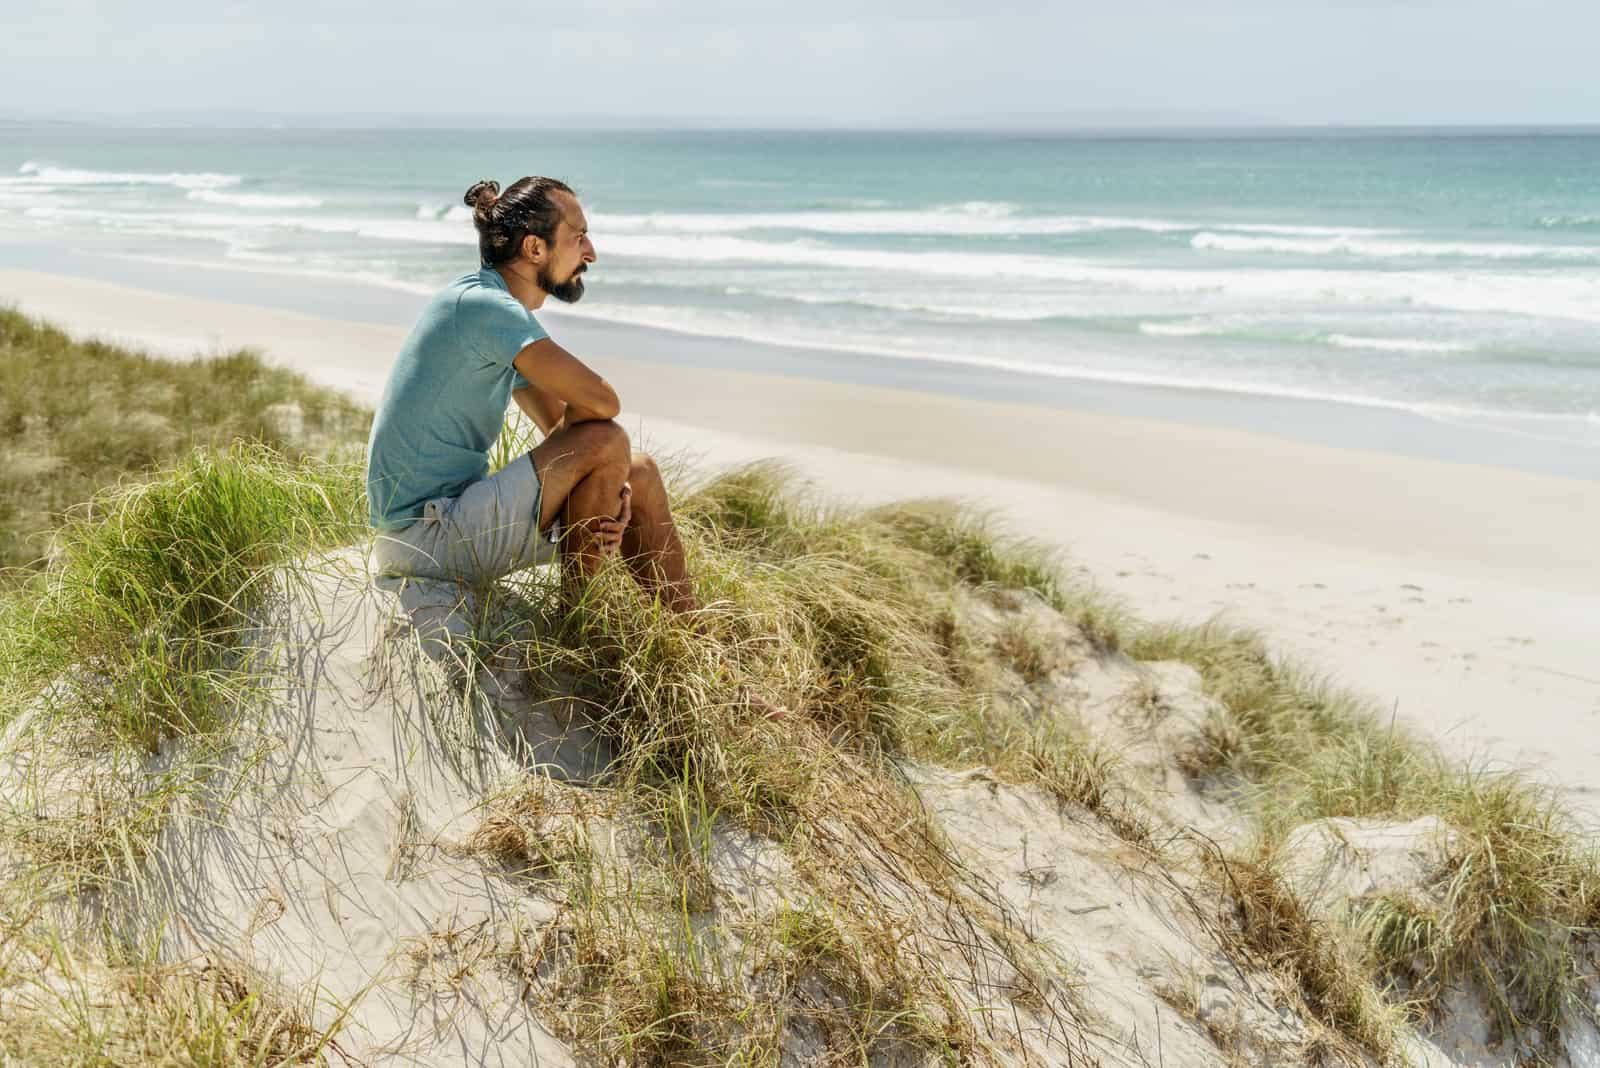 un homme est assis sur une colline et regarde la mer